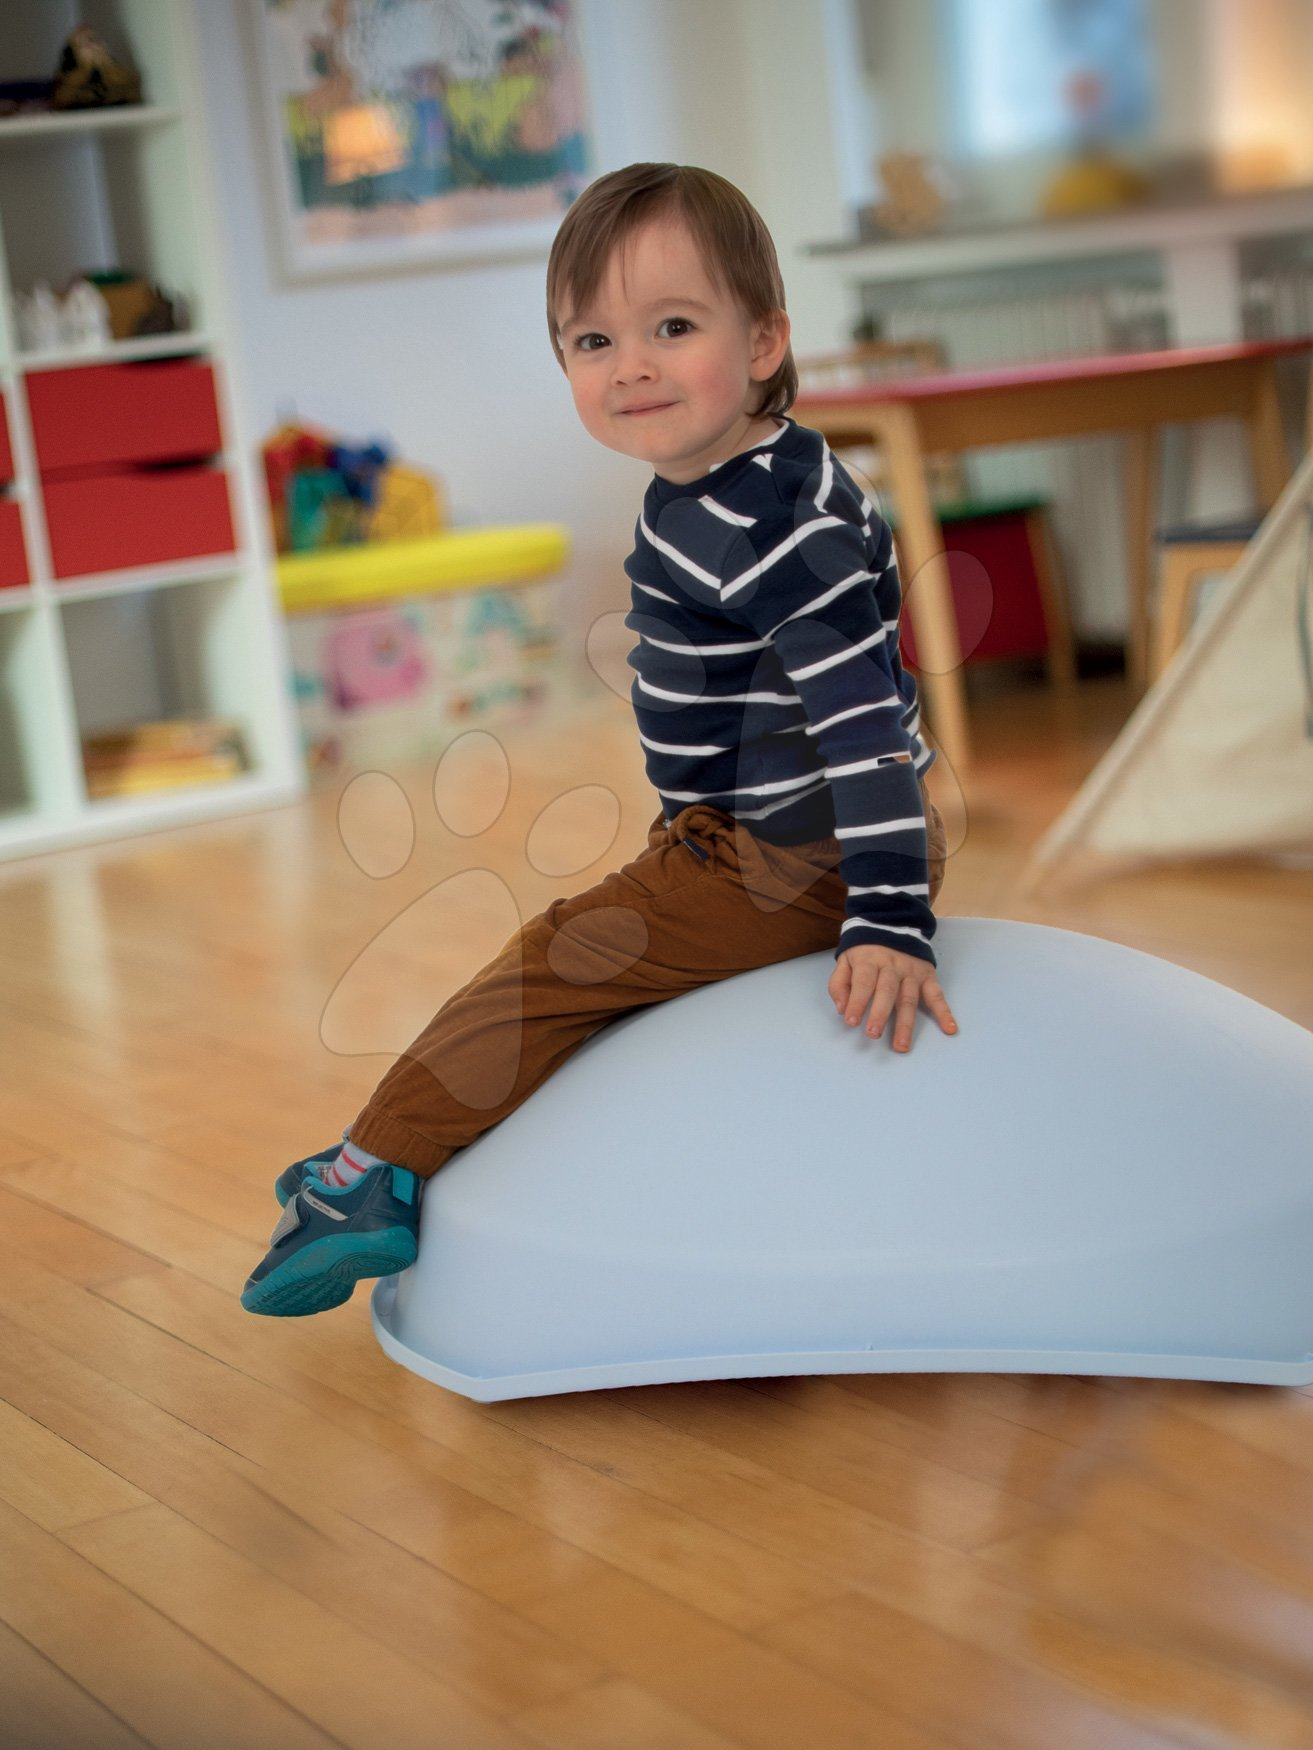 Skluzavky pro děti - Balanční kužel s polštářem Cosy BIG skluzavka-prolézačka-houpačka-pískoviště-bazén od 12 měsíců